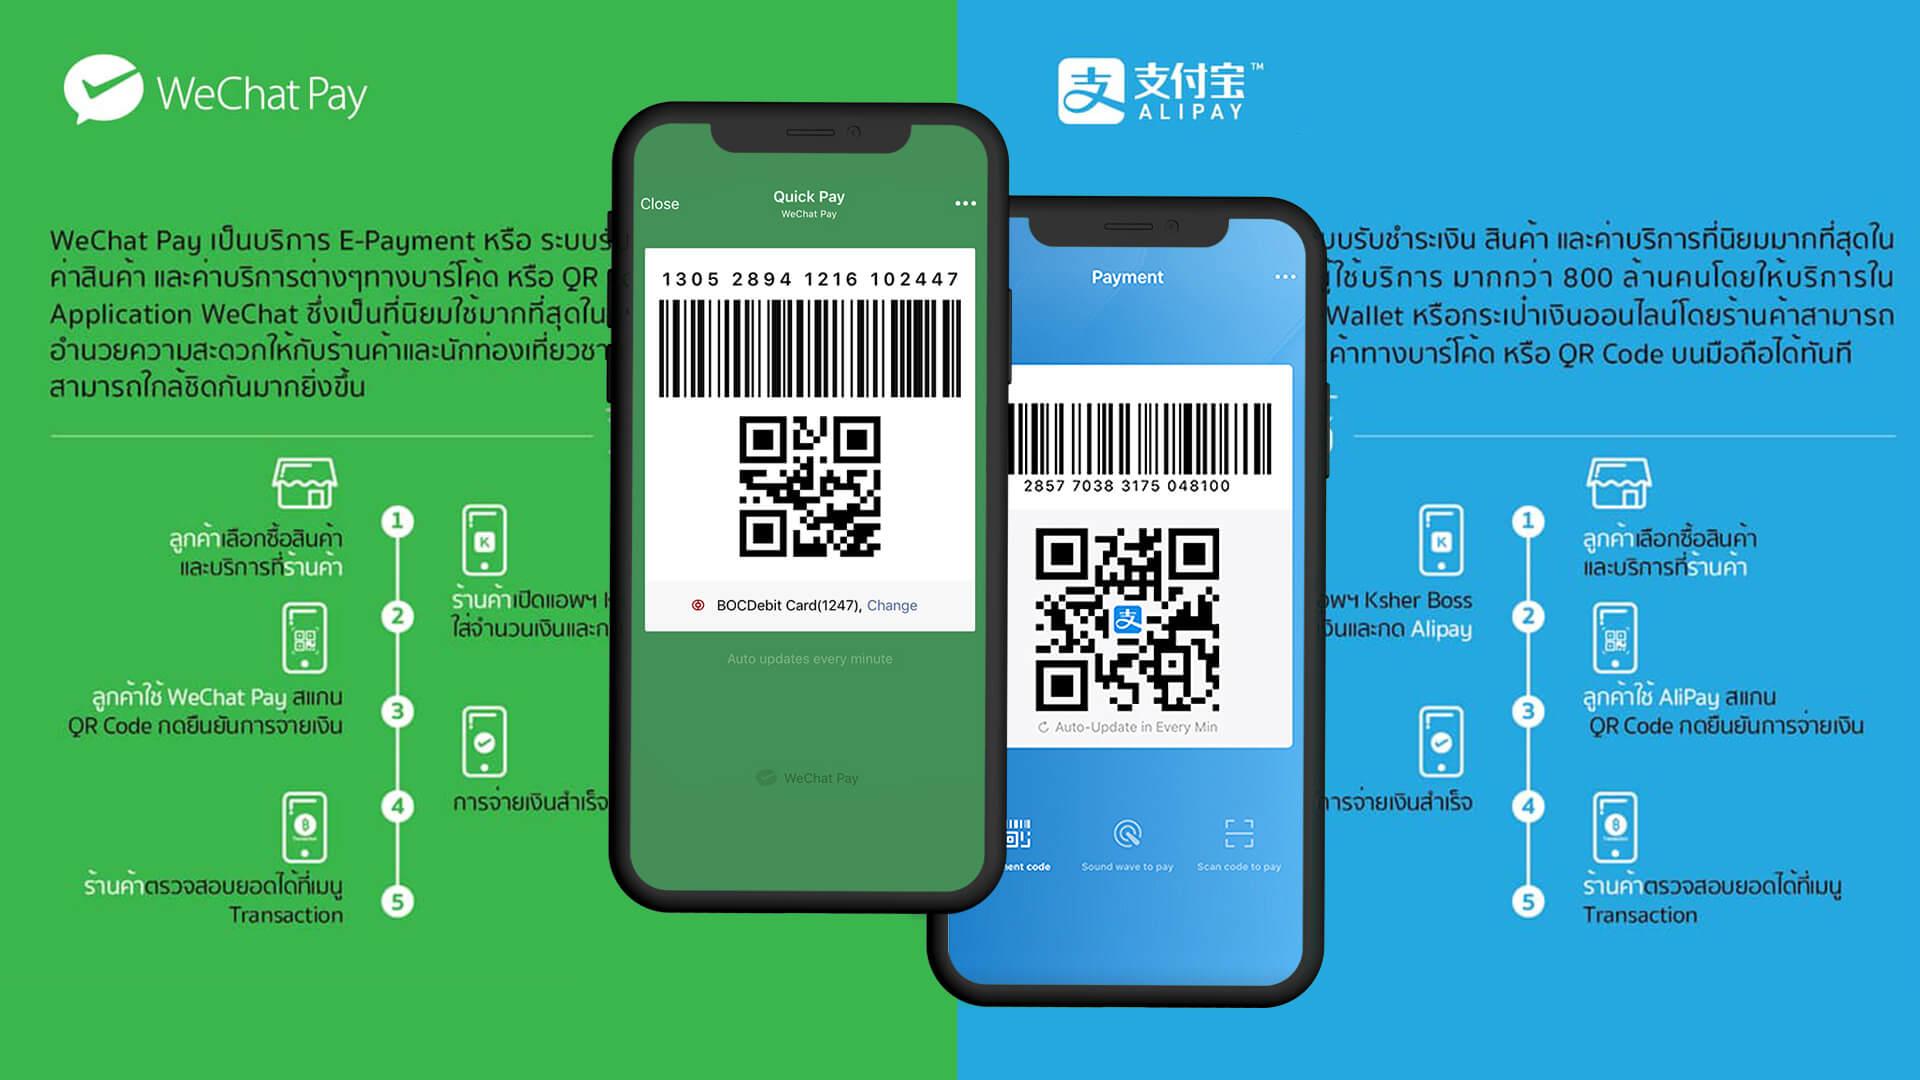 微信/支付宝免签约收款服务(含自动发卡、WP等)